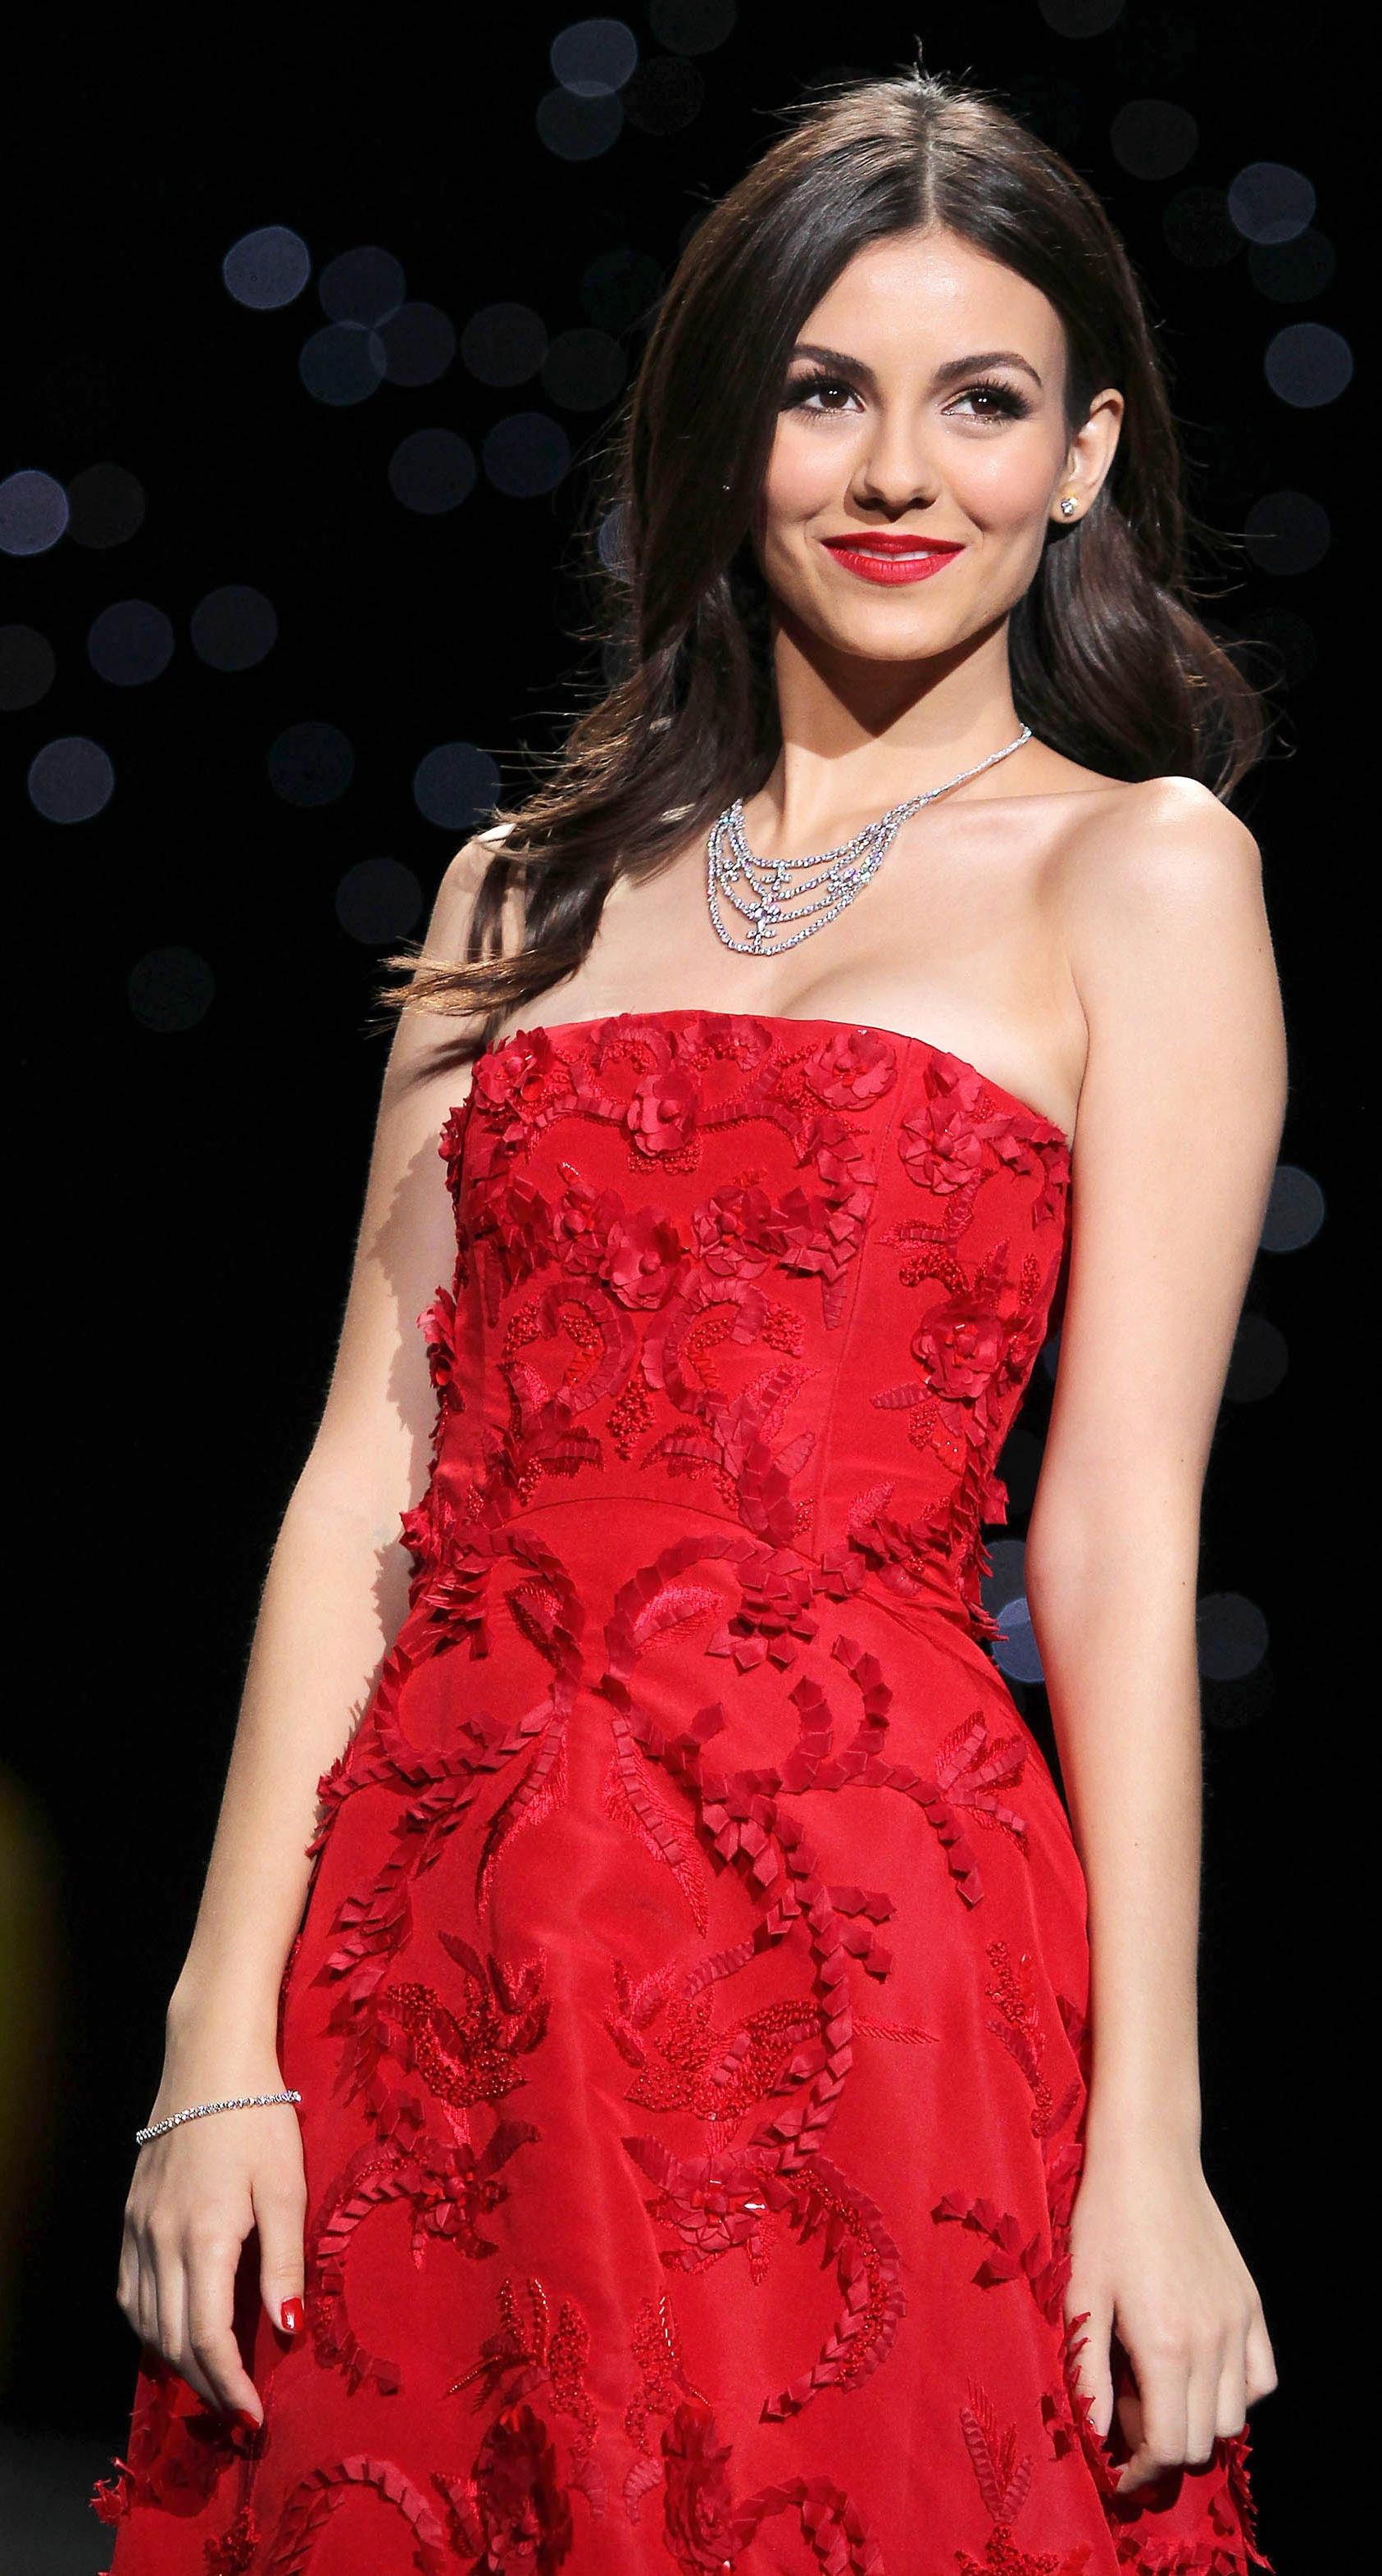 честь рождения фото виктории джастис в бордовом коротком платье отличалась